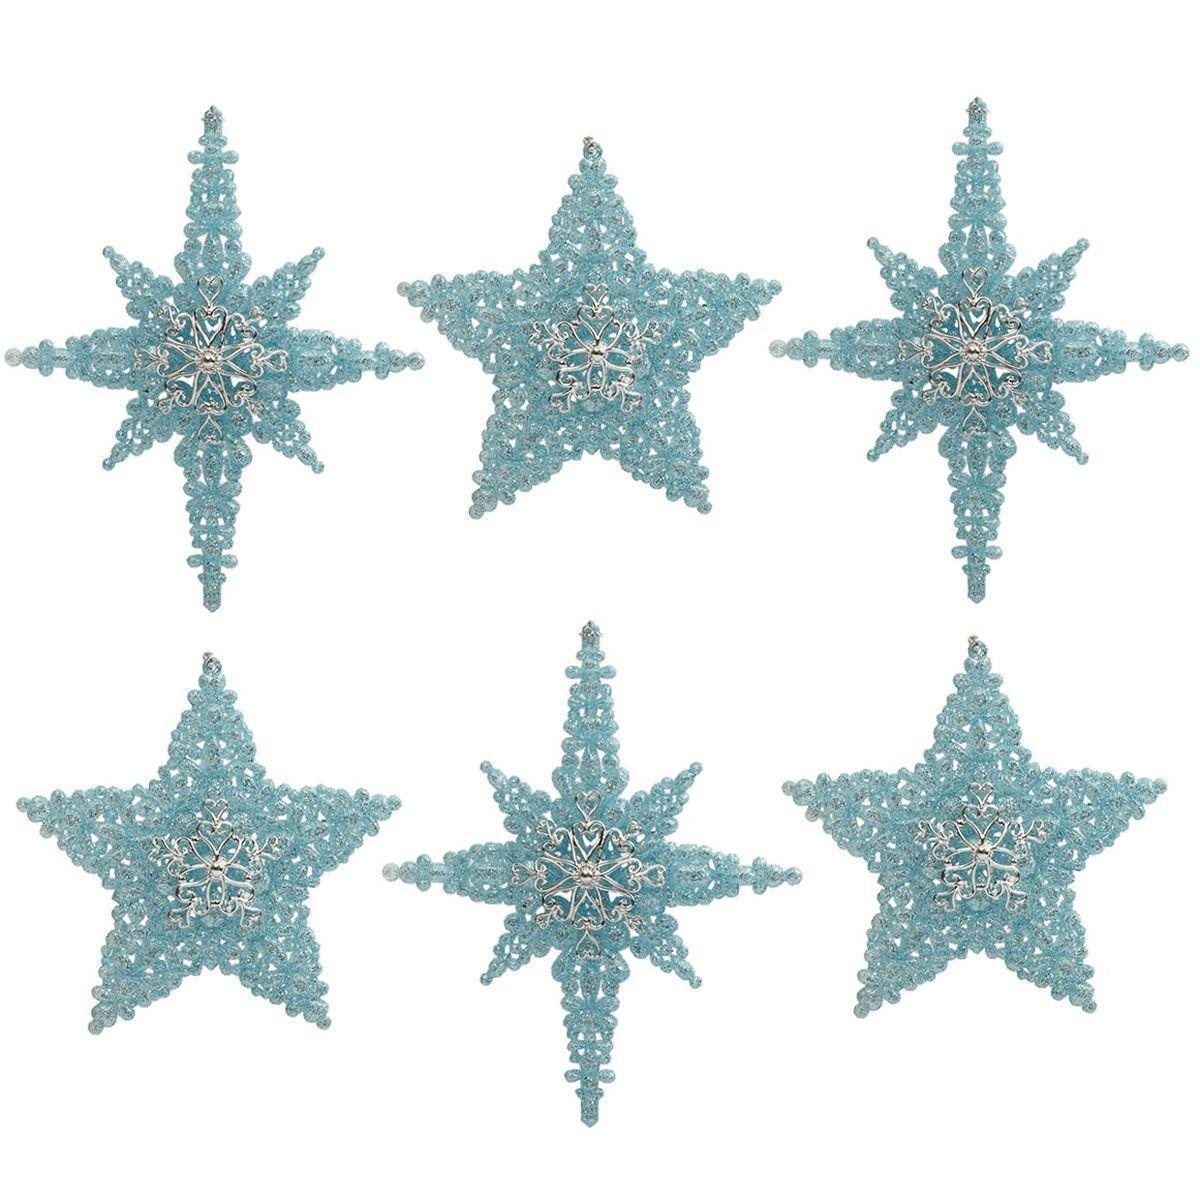 Набор из 6-ти резных ёлочных игрушек в виде голубых звезд